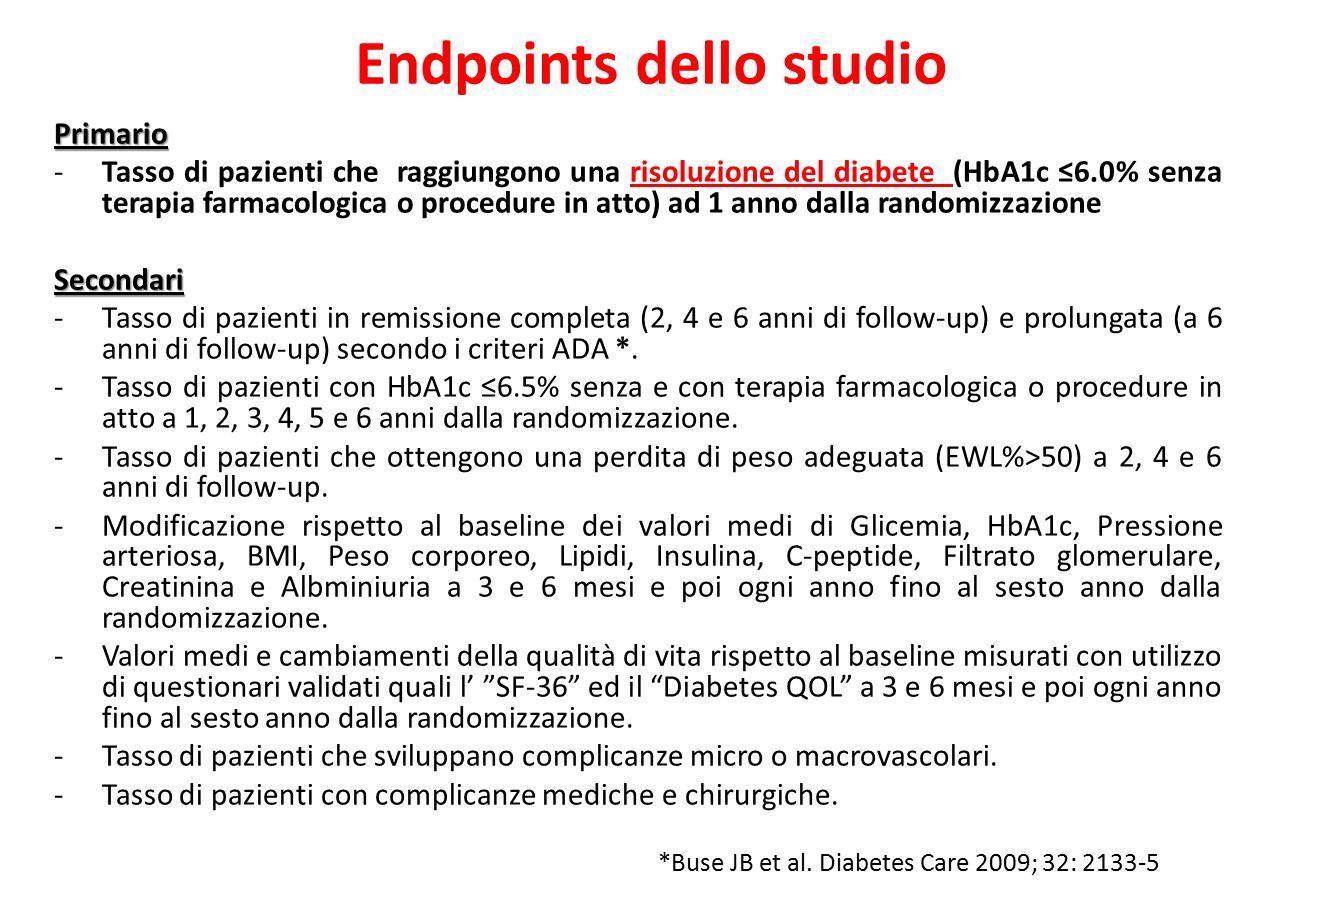 Endpoints dello studio